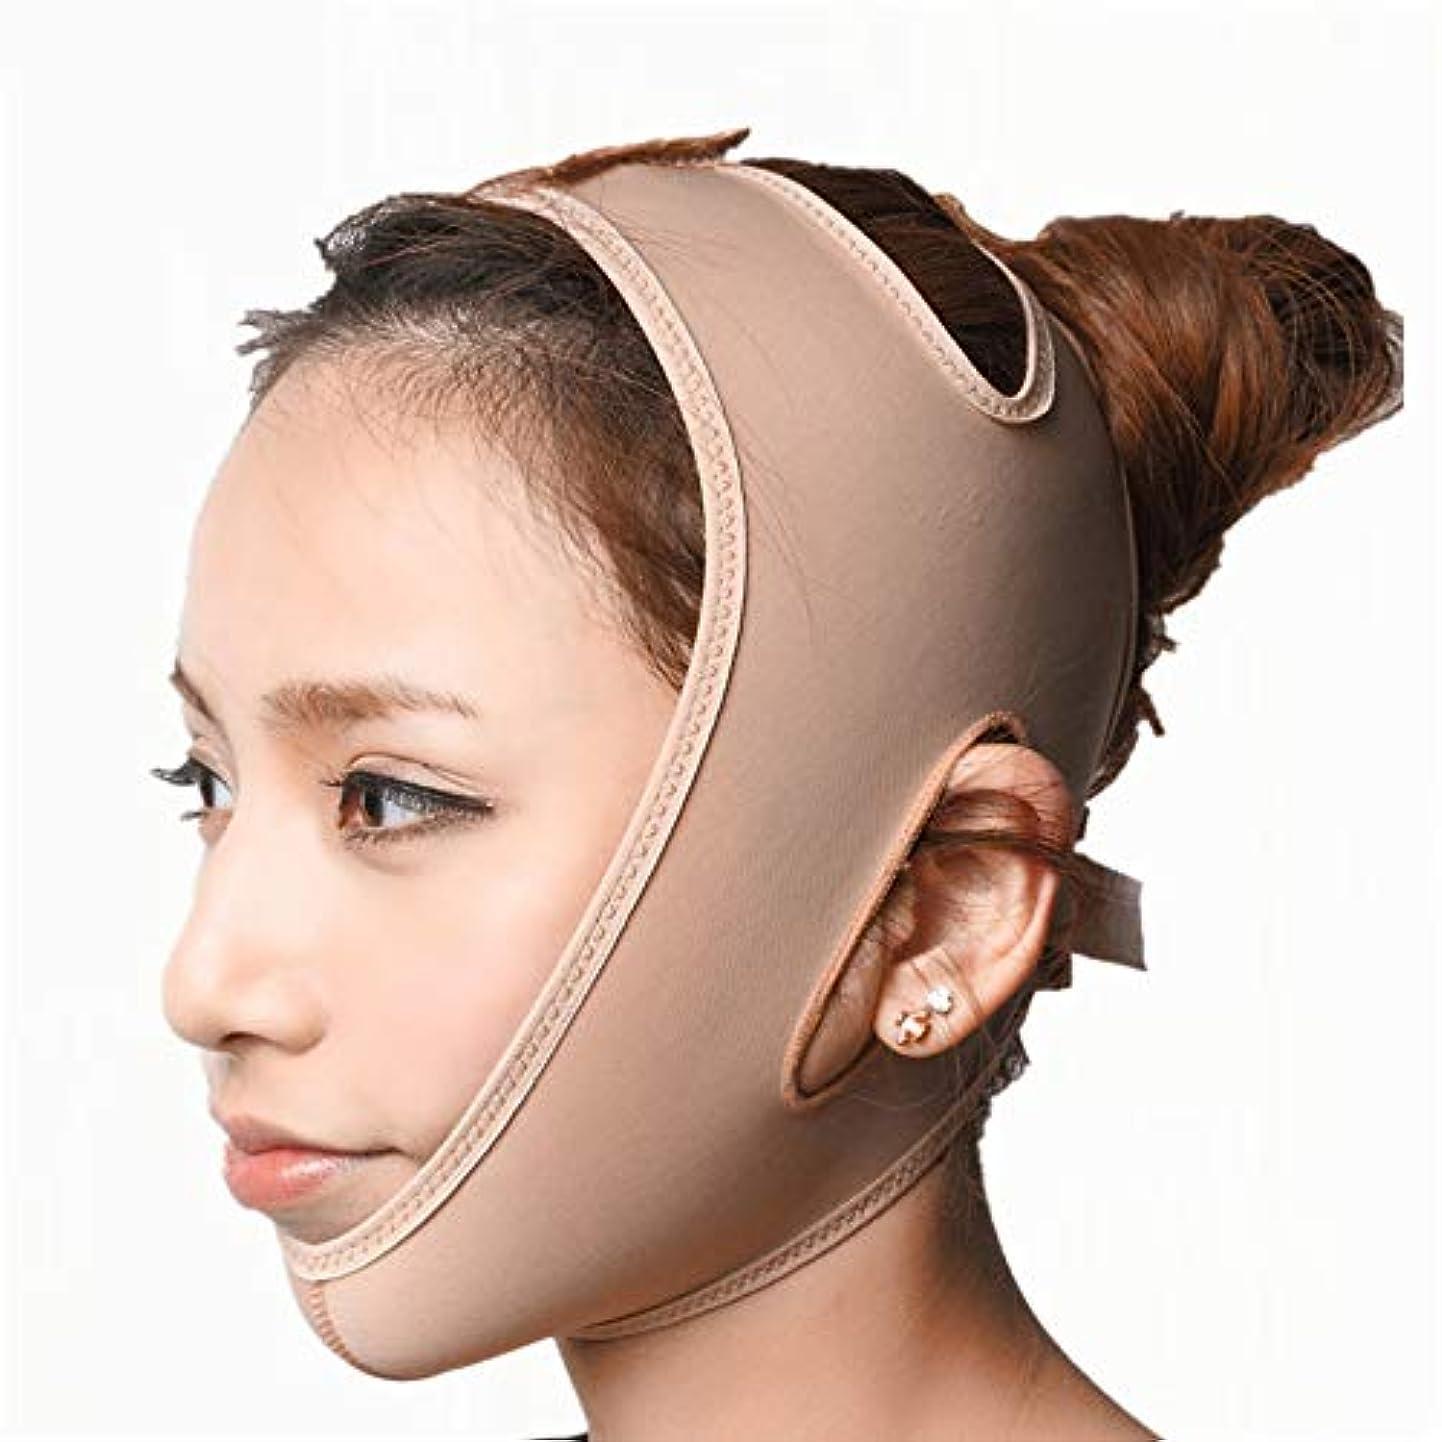 潤滑するヒット遡るBS 顔の持ち上がる痩身ベルト - アンチエイジングリンクルフェイスマスクベルトシンフェイス包帯整形マスクは顔と首を締めますフェイススリム フェイスリフティングアーティファクト (Size : L)